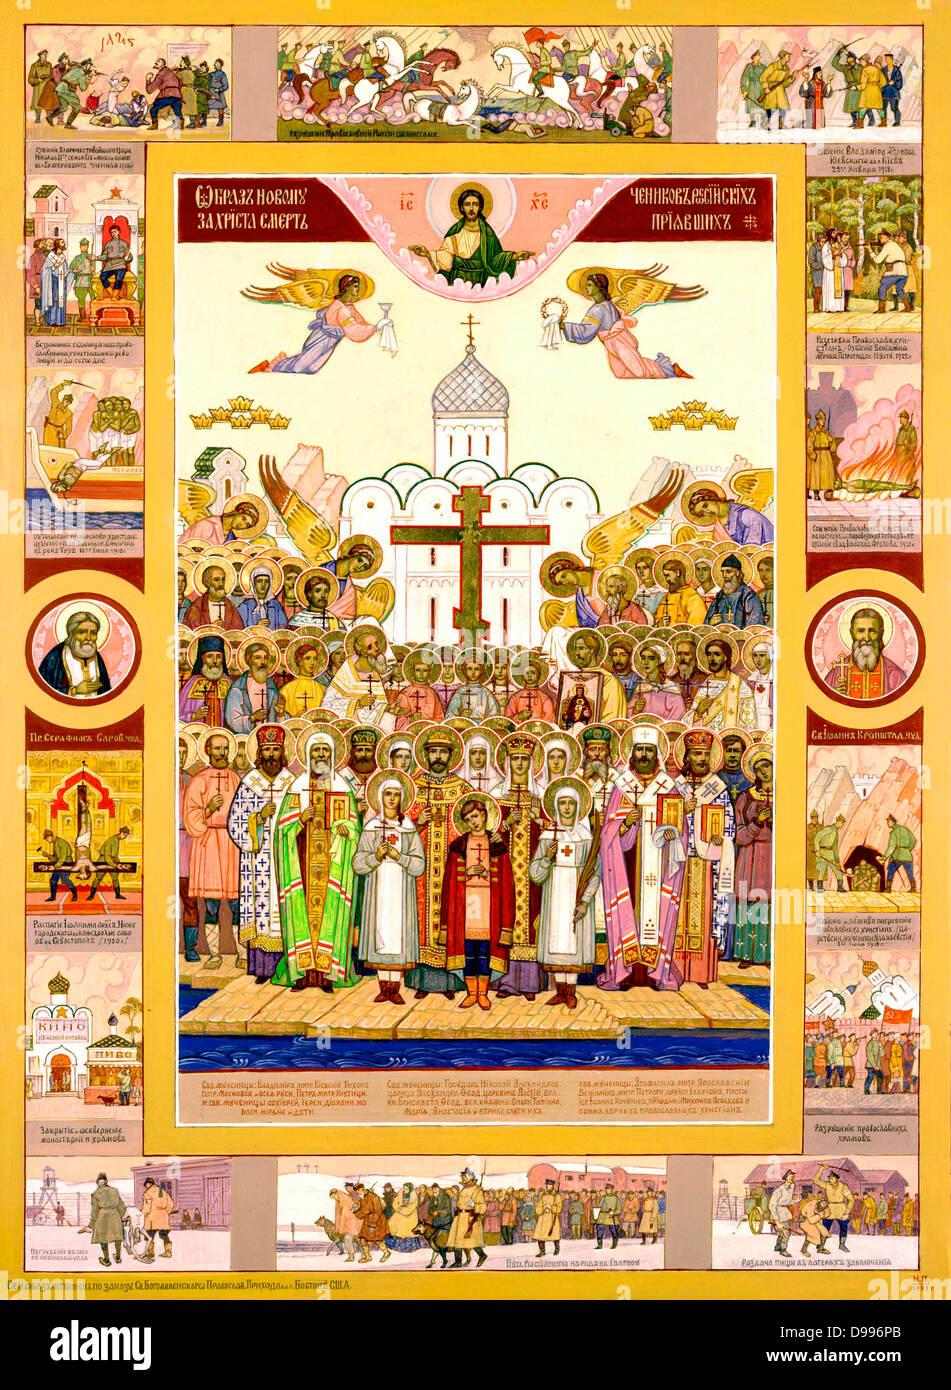 À partir de 2005 montrant l'icône du Saints modernes de l'Église orthodoxe russe, y compris Photo Stock